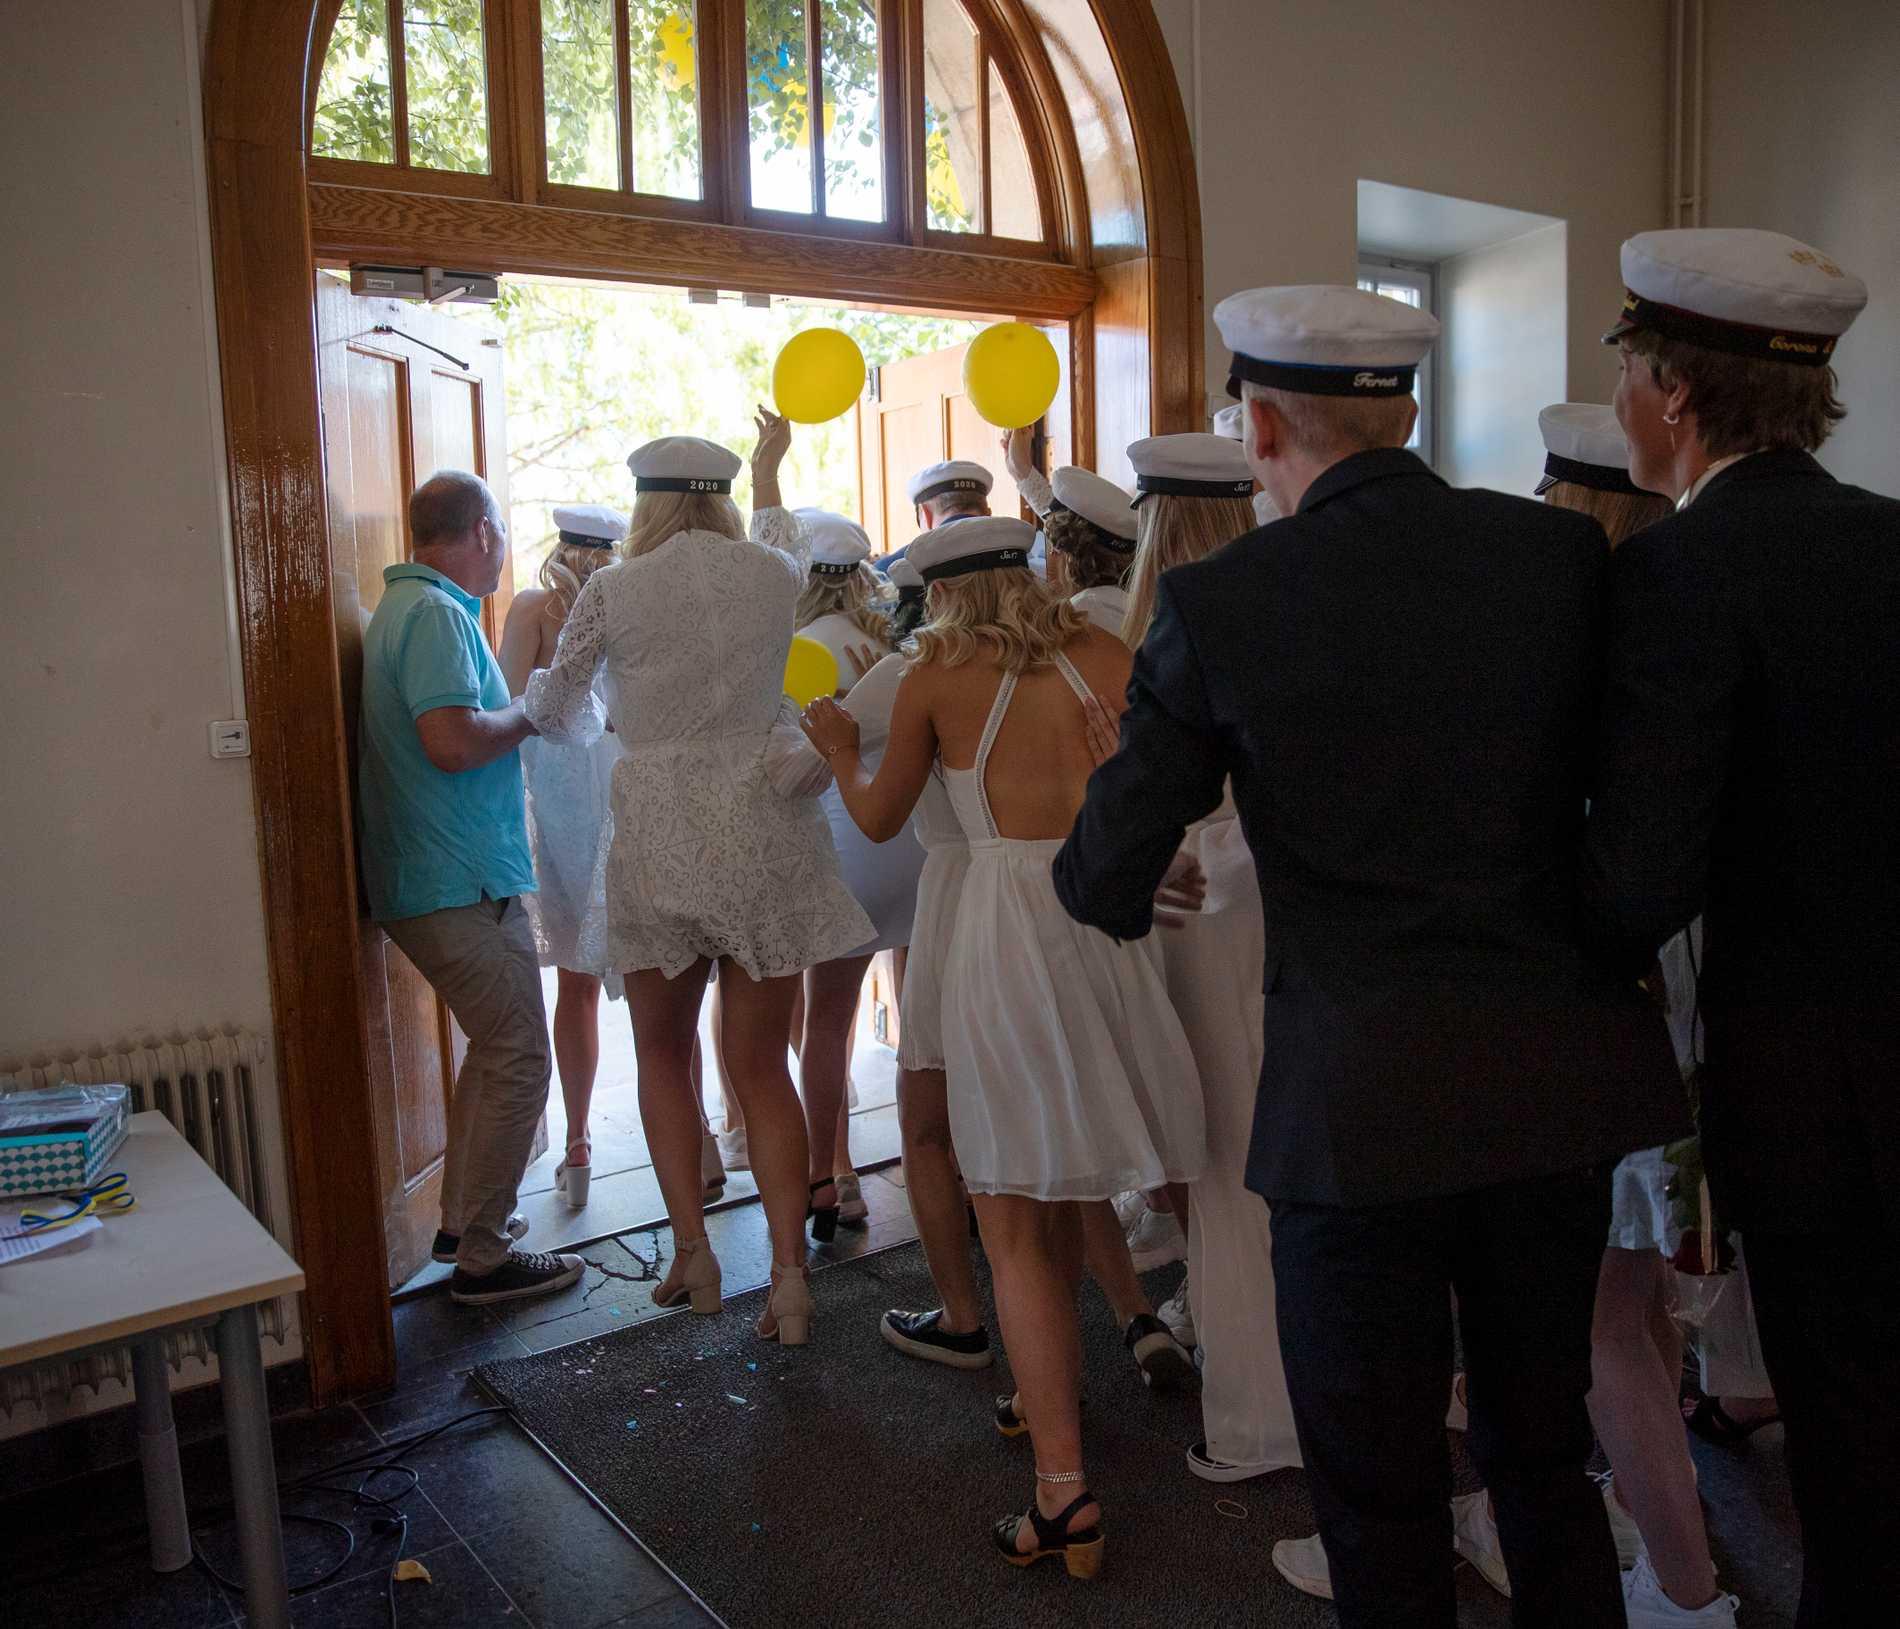 Staffangymnasiets samhällsklass på väg ut mot resten av livet.